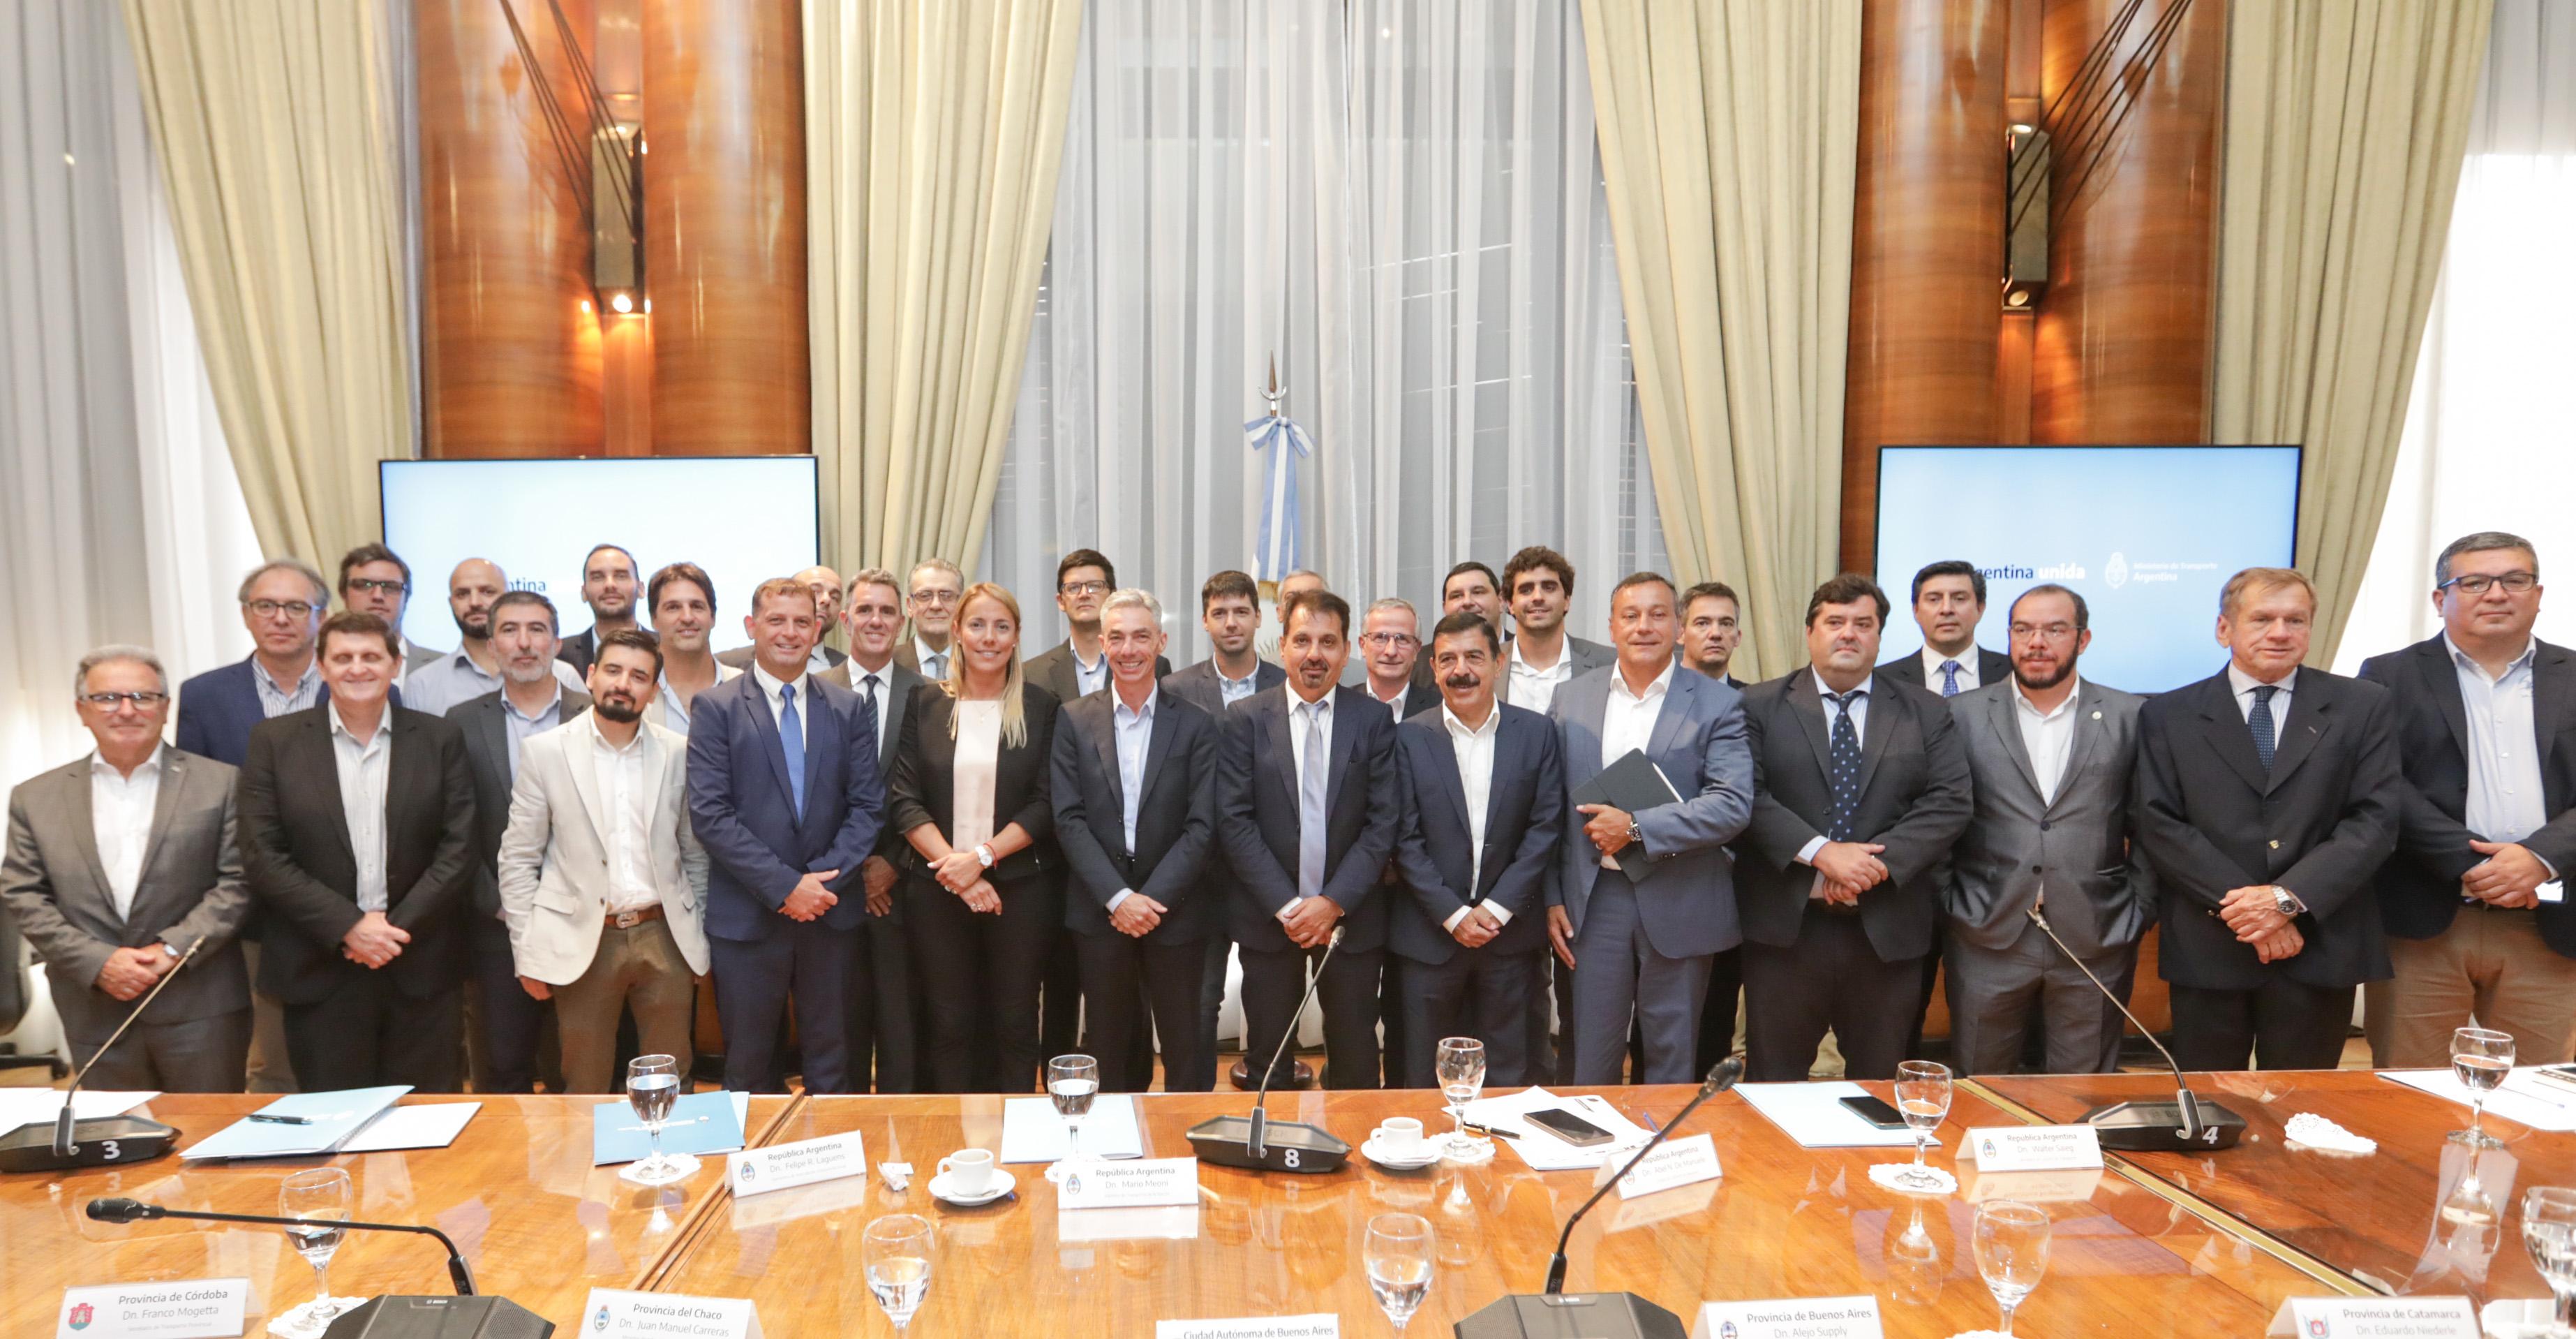 """Meoni lanzó el encuentro nacional de transporte: """"Tenemos una mirada federal y equitativa"""""""